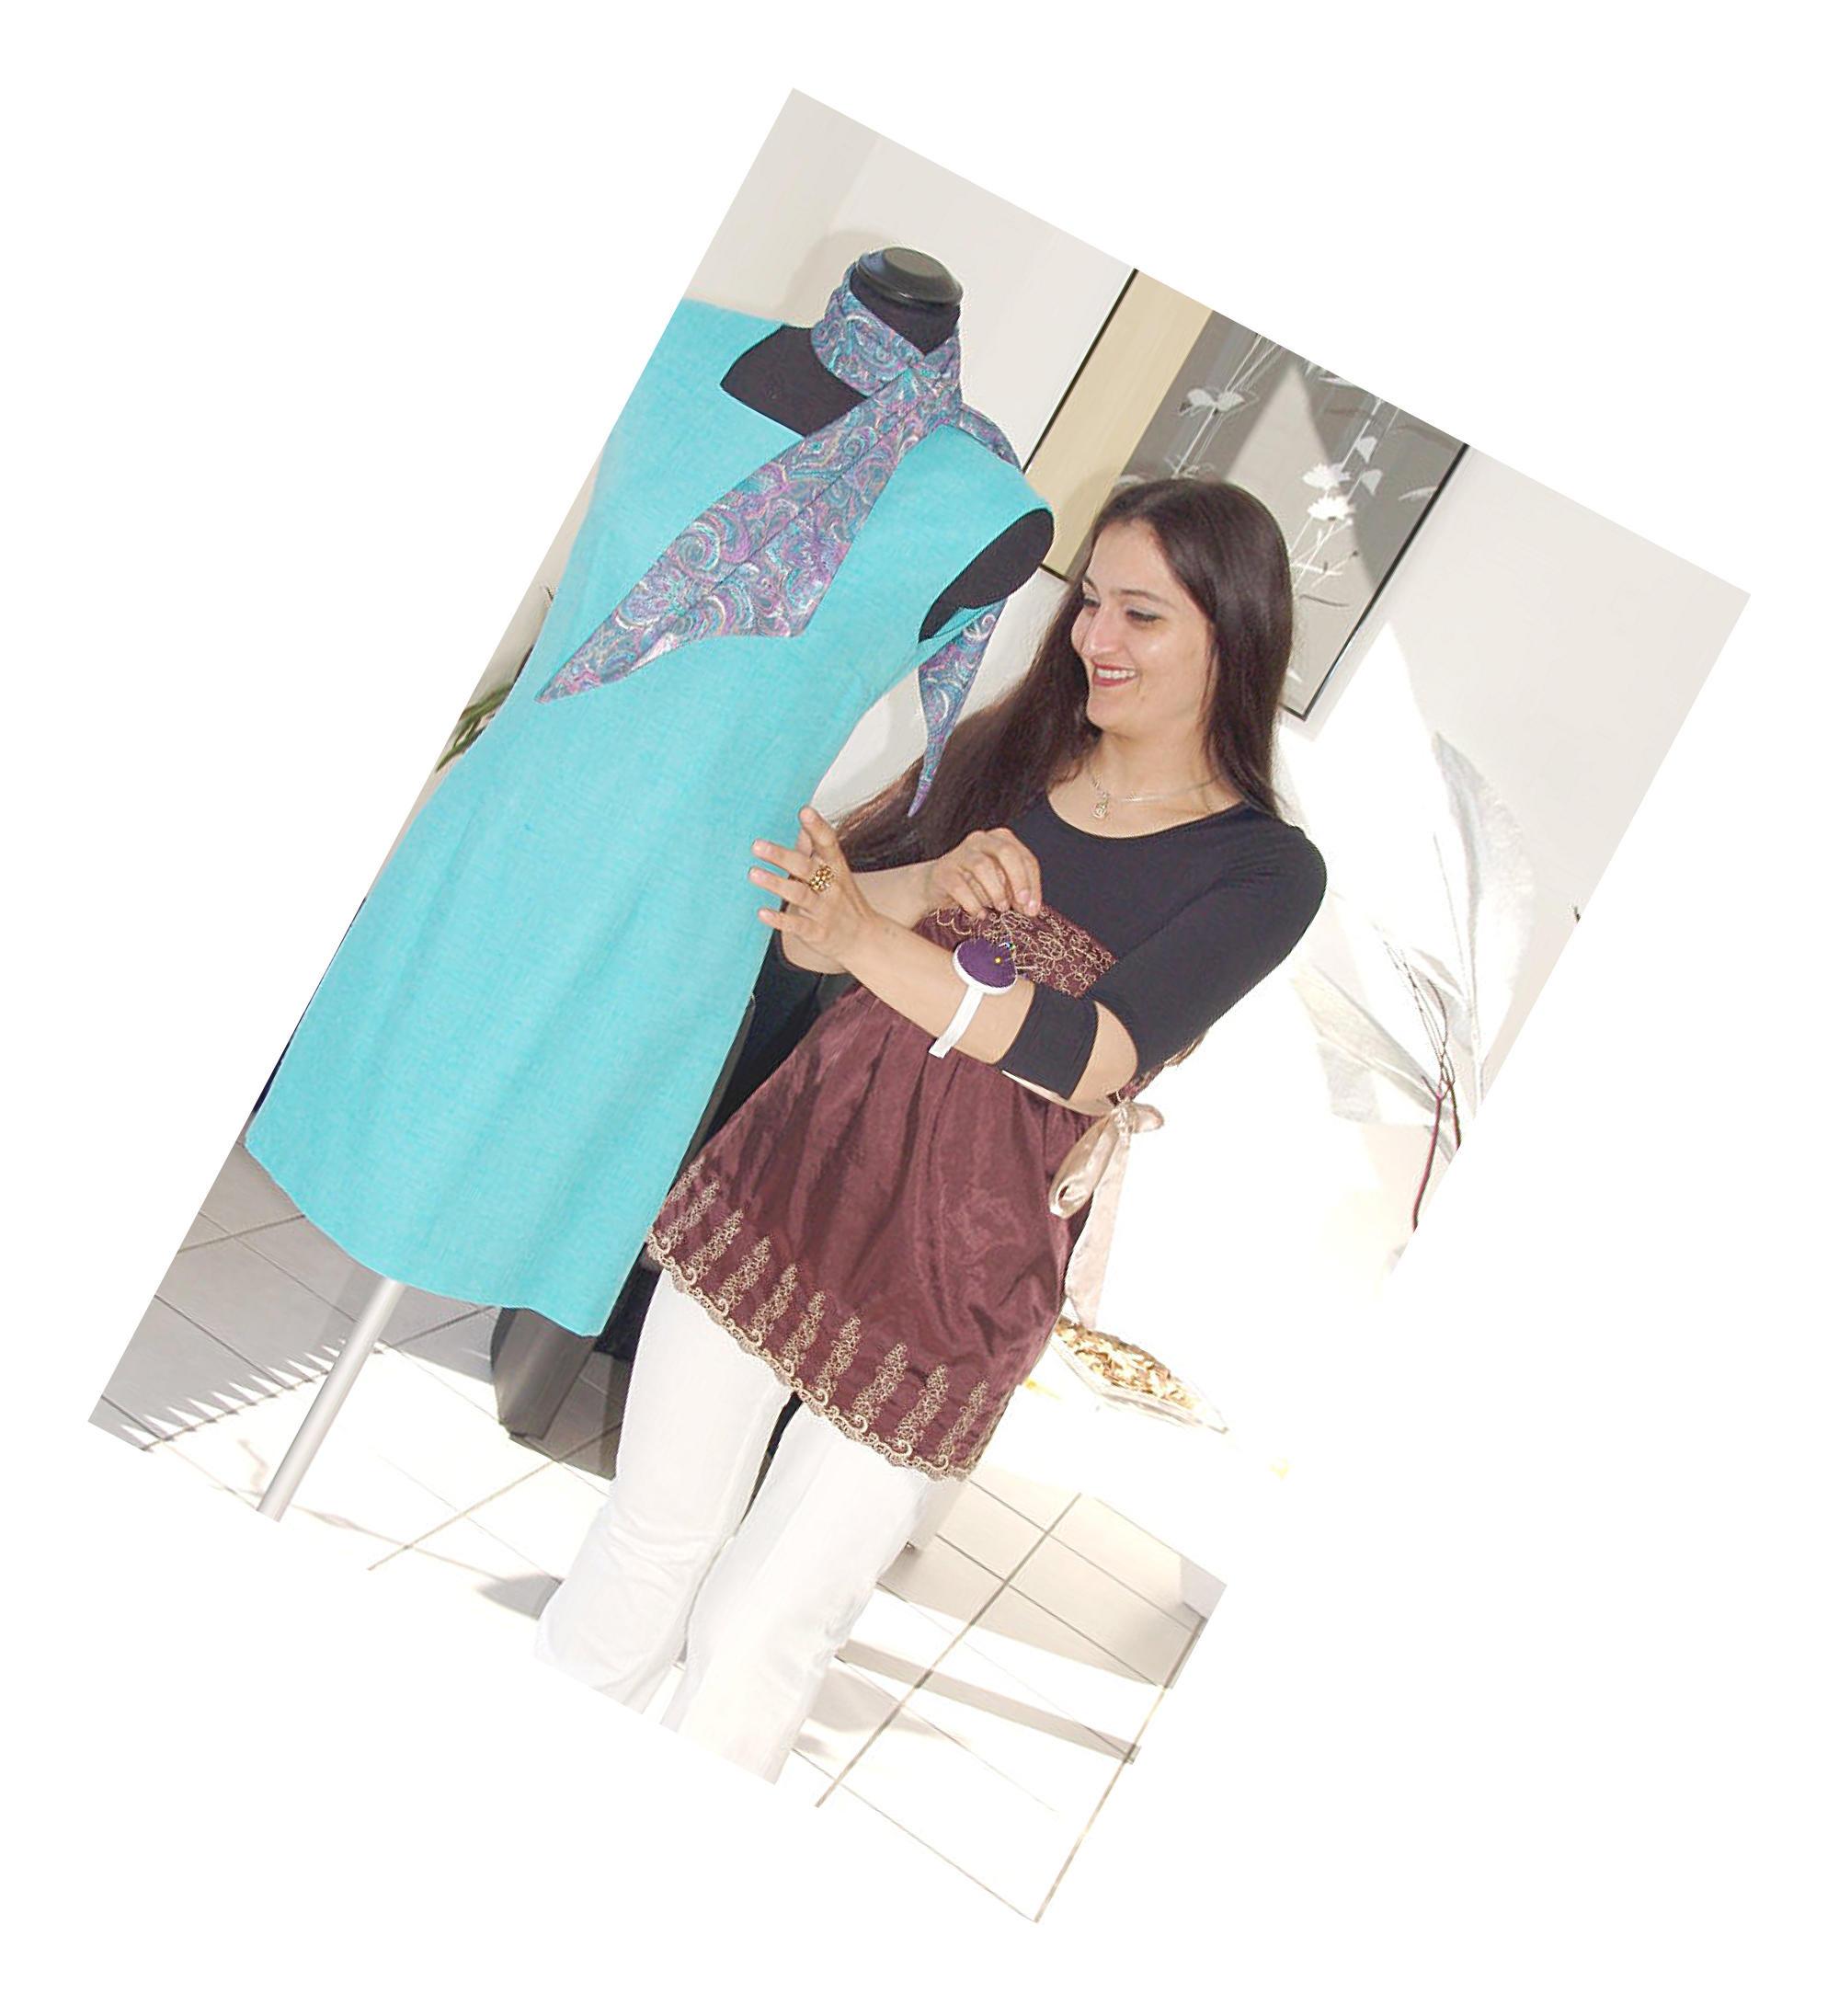 17 Schön Abendkleid Kürzen Preis Ärmel10 Genial Abendkleid Kürzen Preis Vertrieb